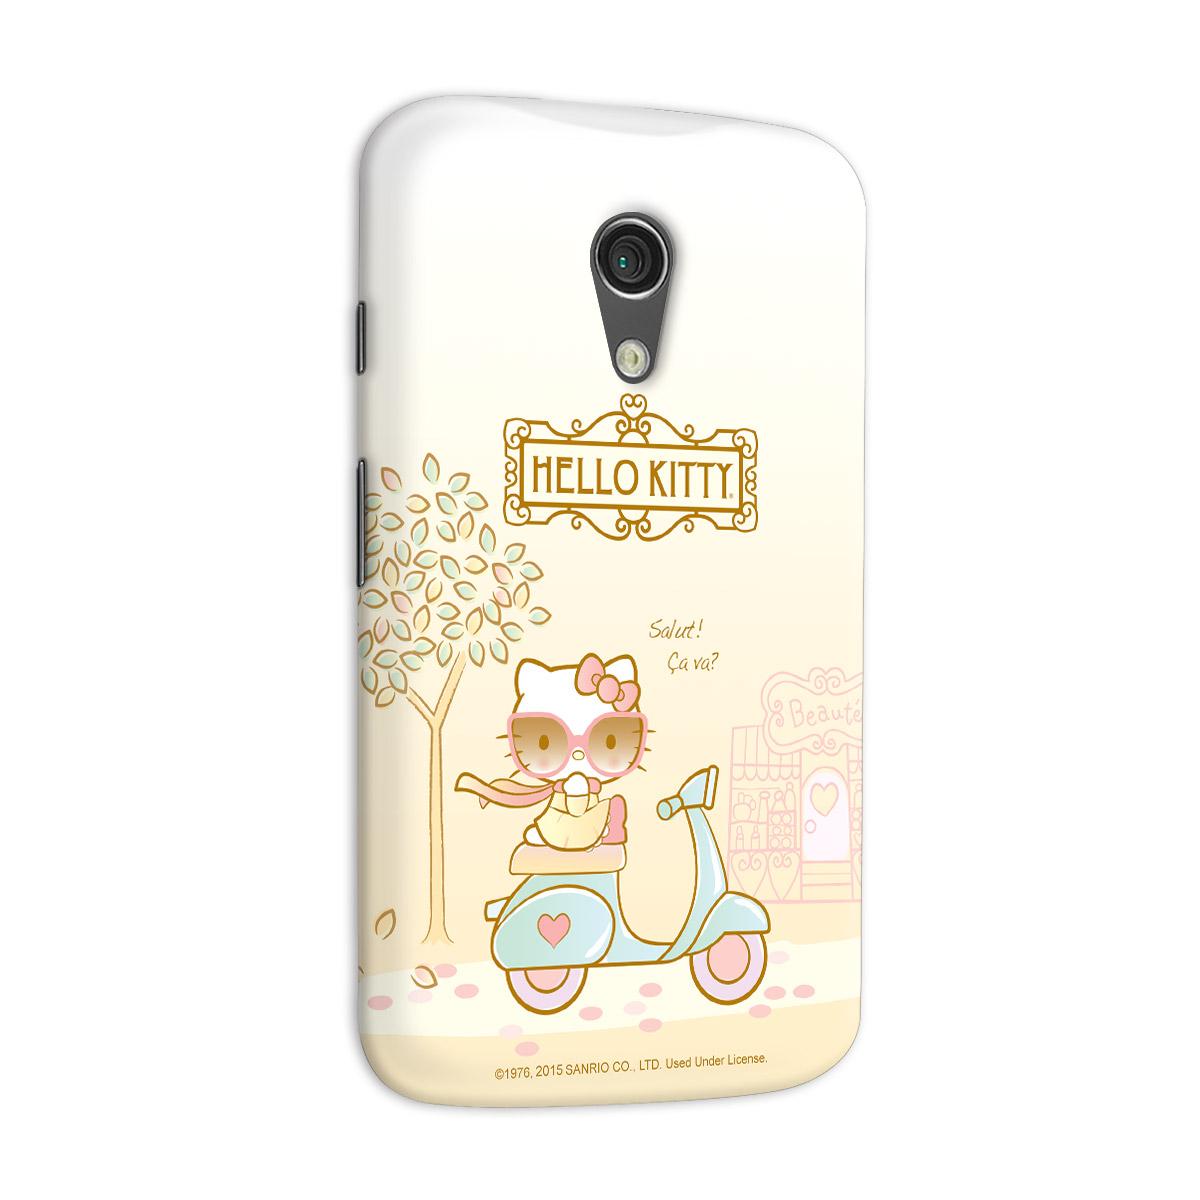 Capa para Motorola Moto G 2 Hello Kitty Salut! Ça Va?